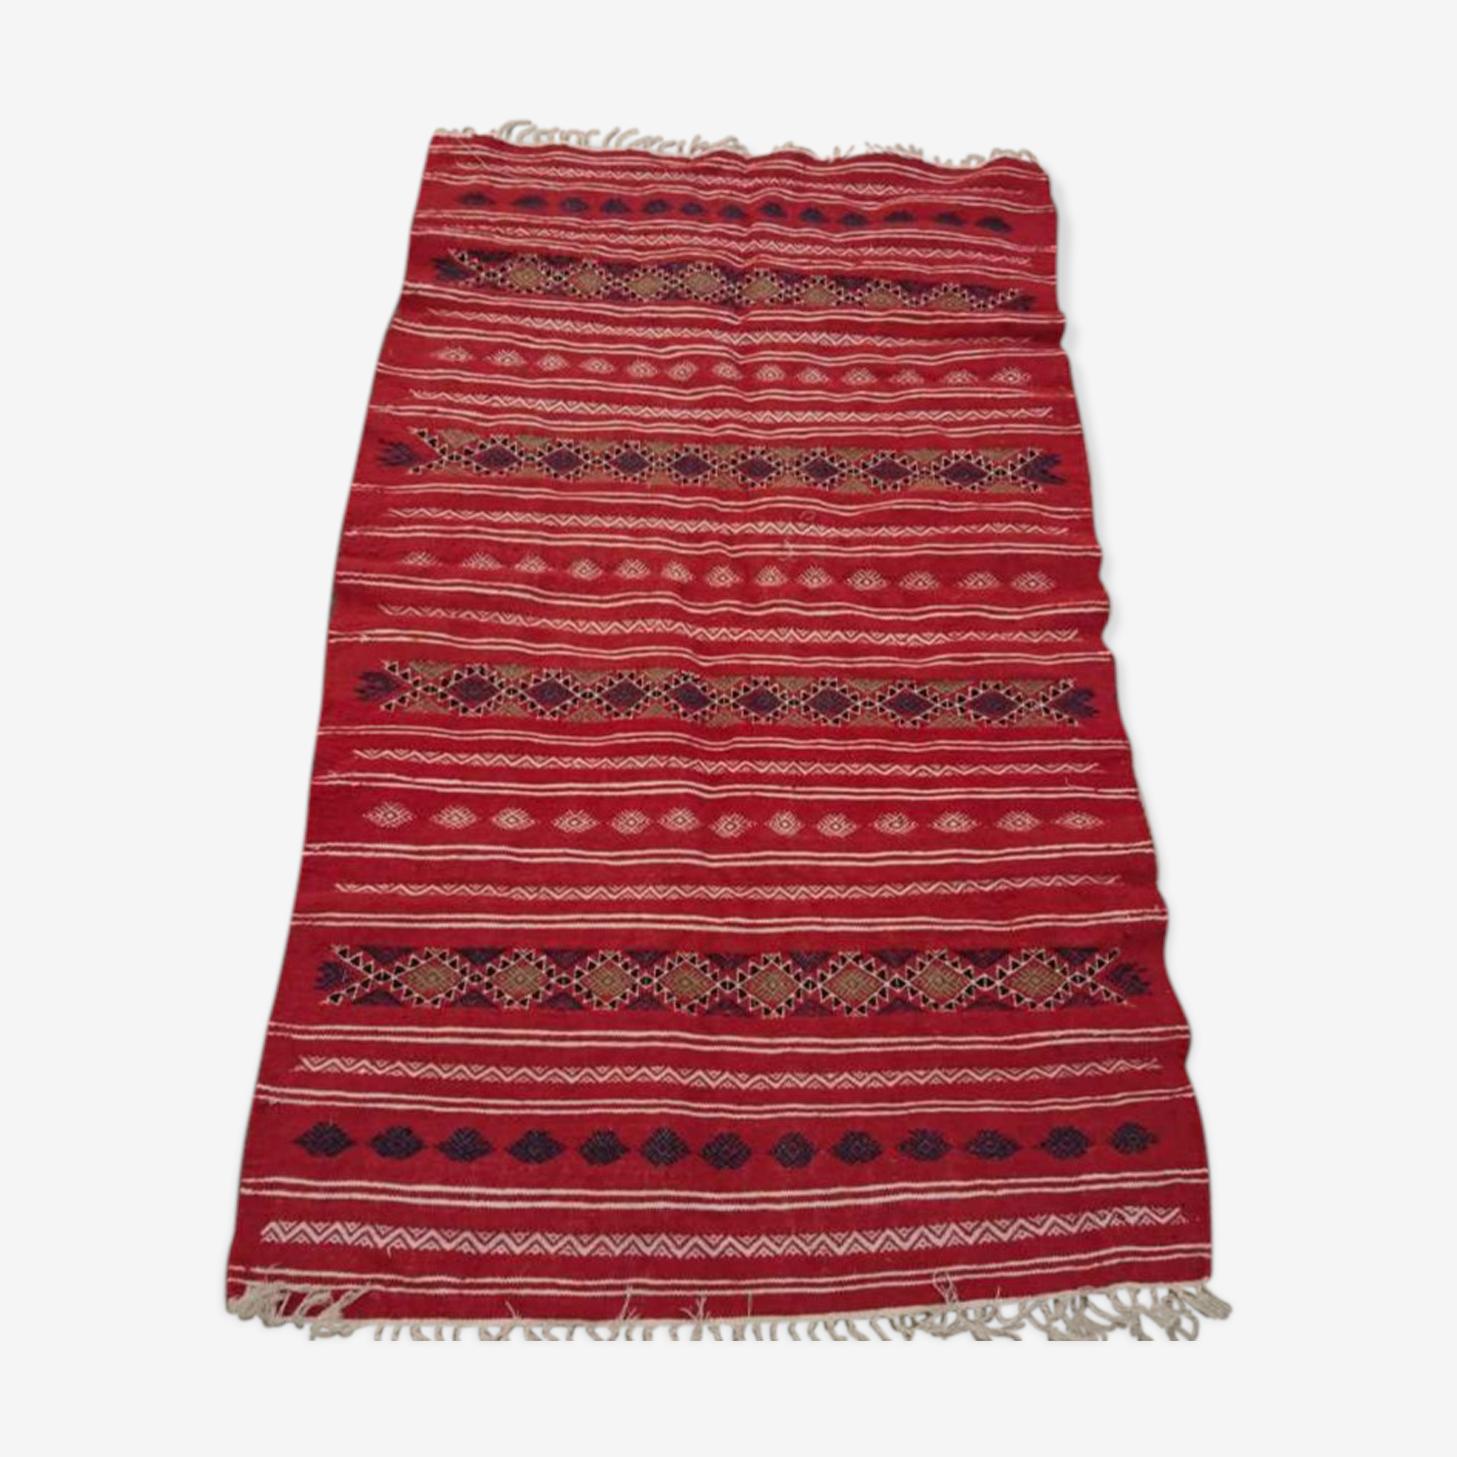 Tapis kilim rouge berbère 200x118cm